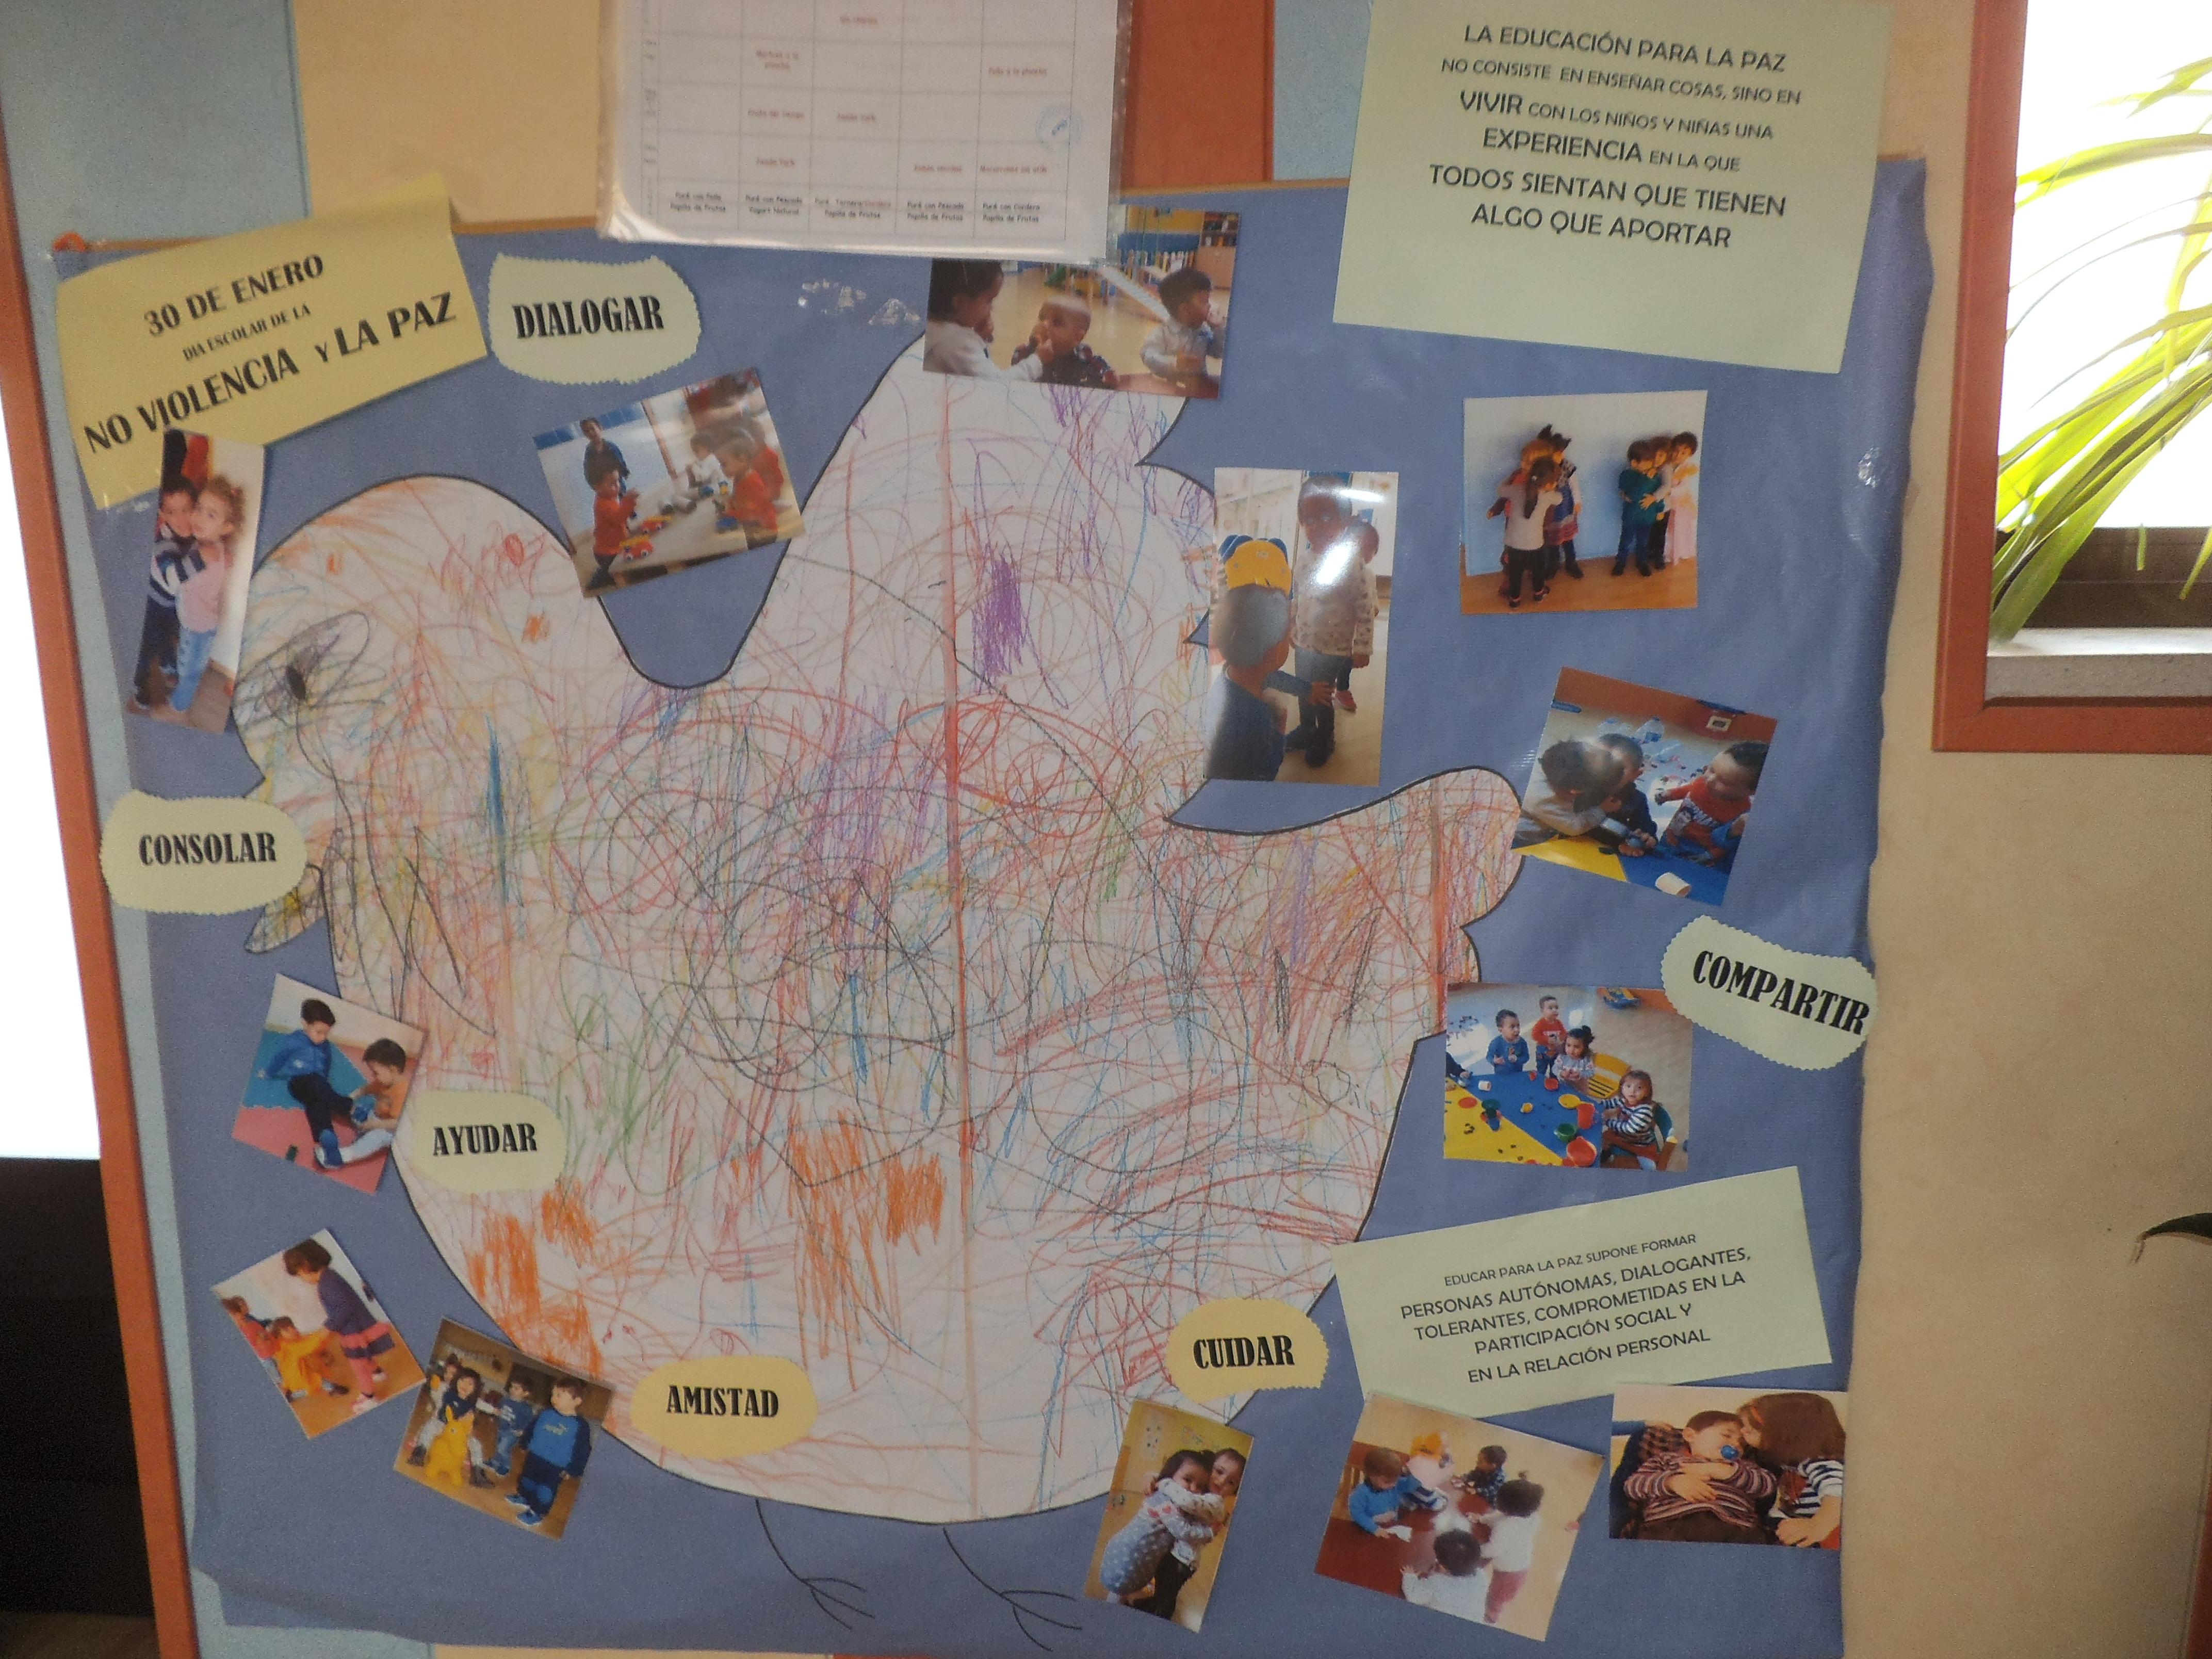 Escuelas Infantiles: Promotoras de experiencias positivas de vida